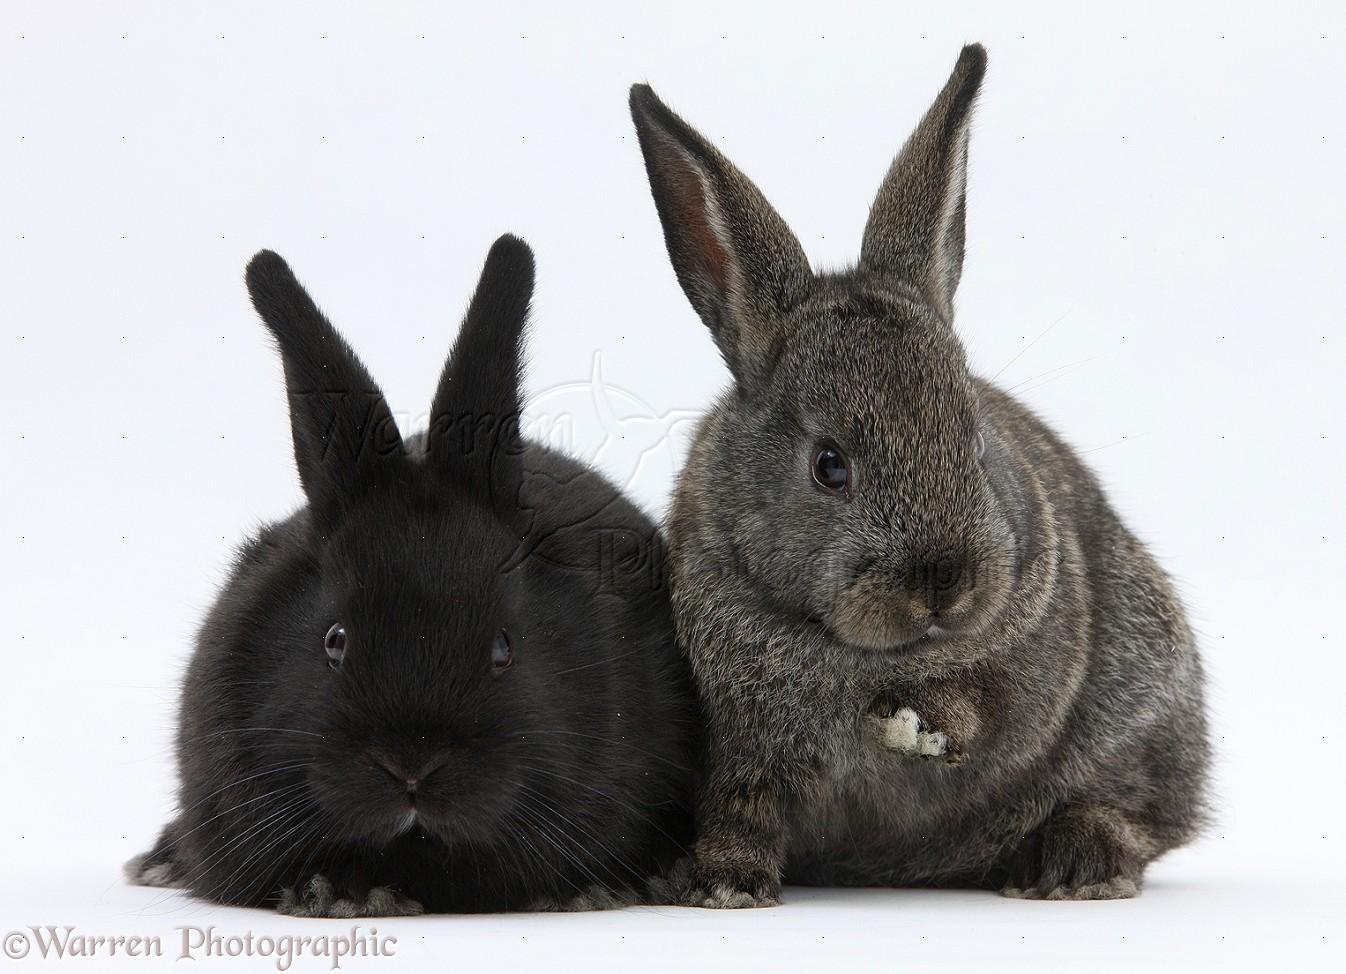 Baby agouti and black rabbits photo WP21594